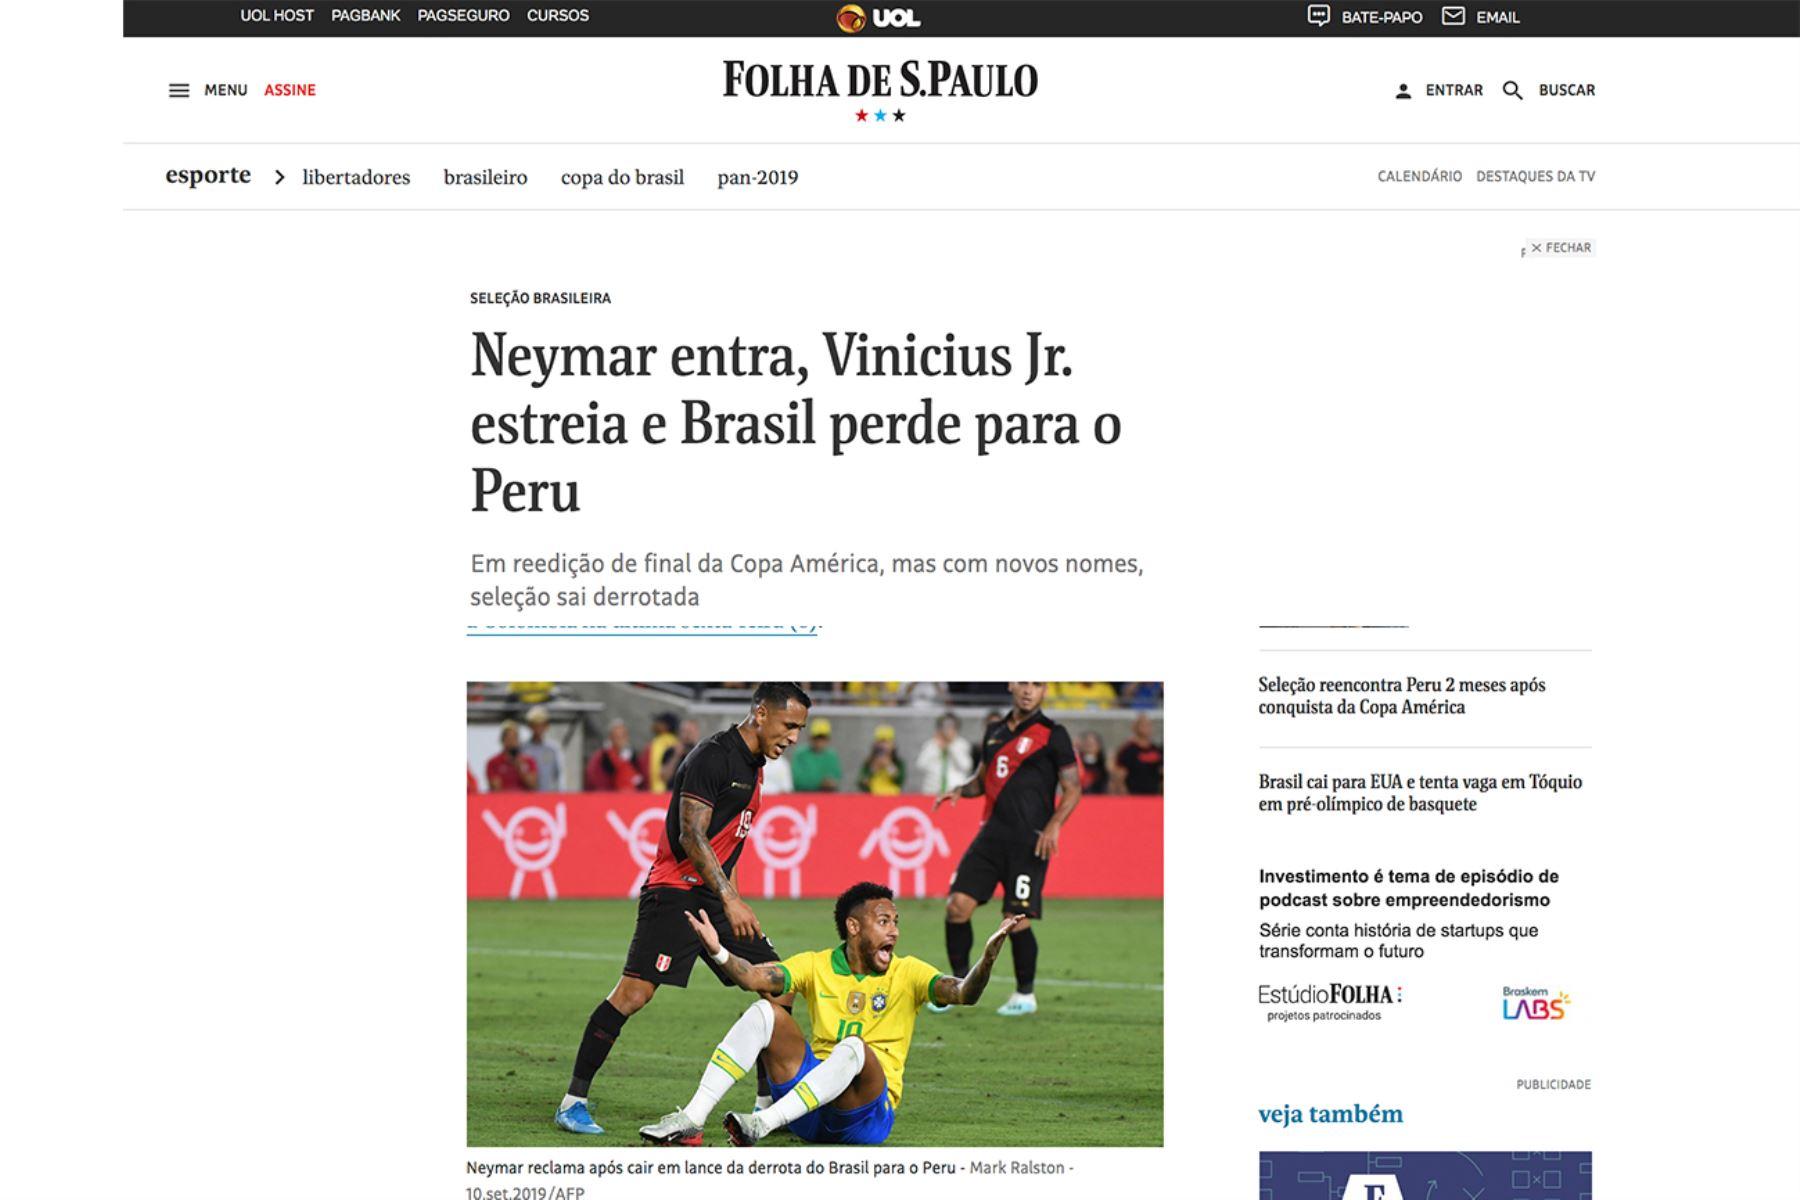 Folha de Sao Paulo, Brasil